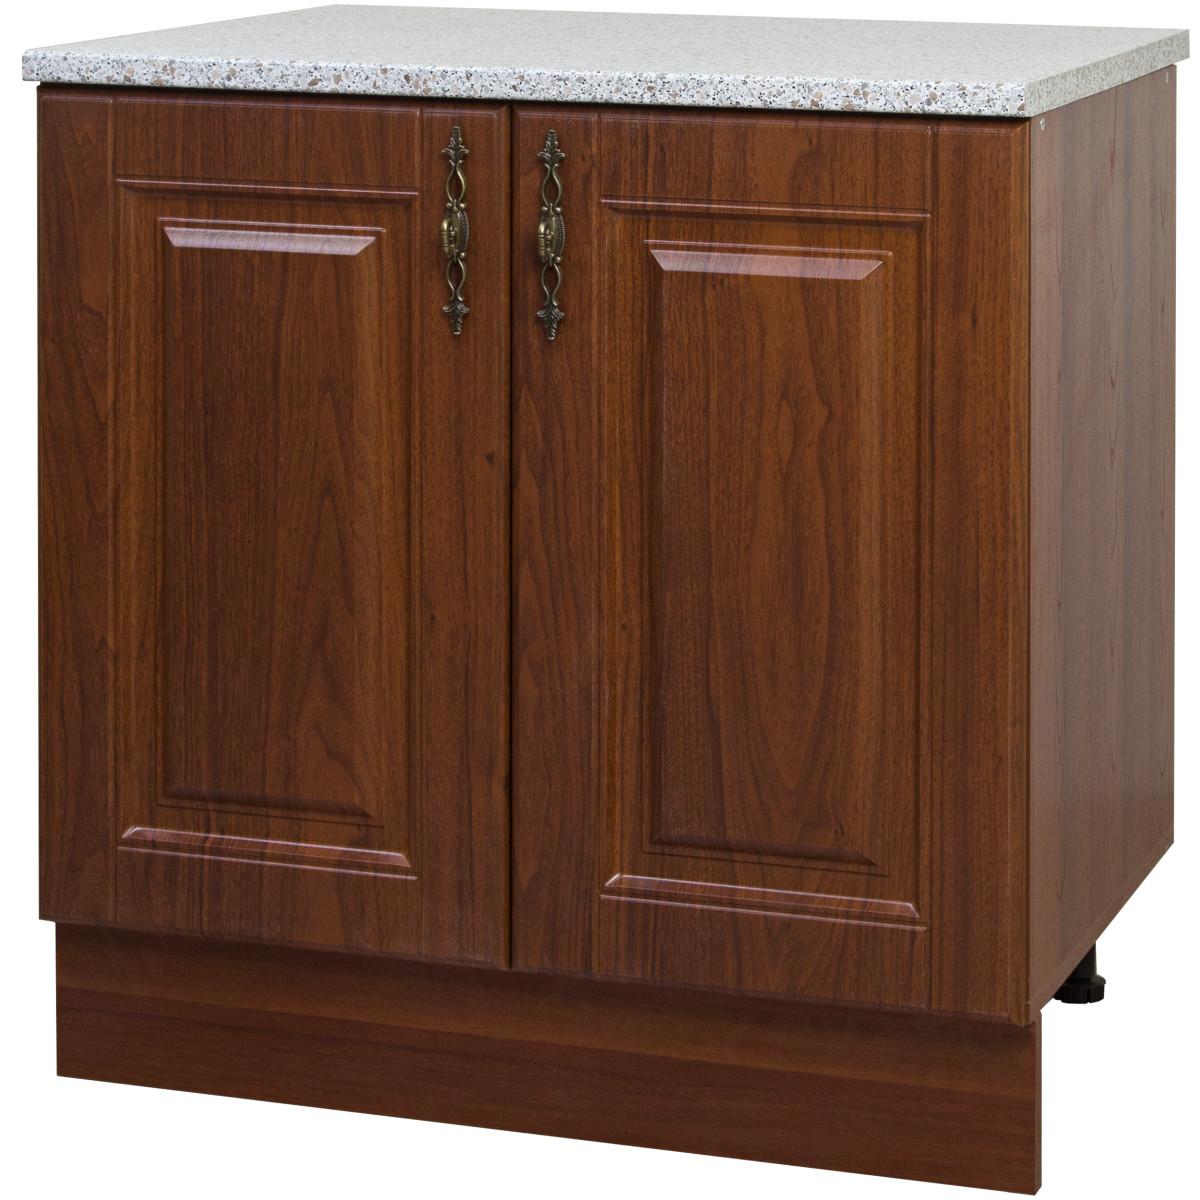 Шкаф напольный Delinia Орех Аква 80x86х60 см МДФ цвет коричневый